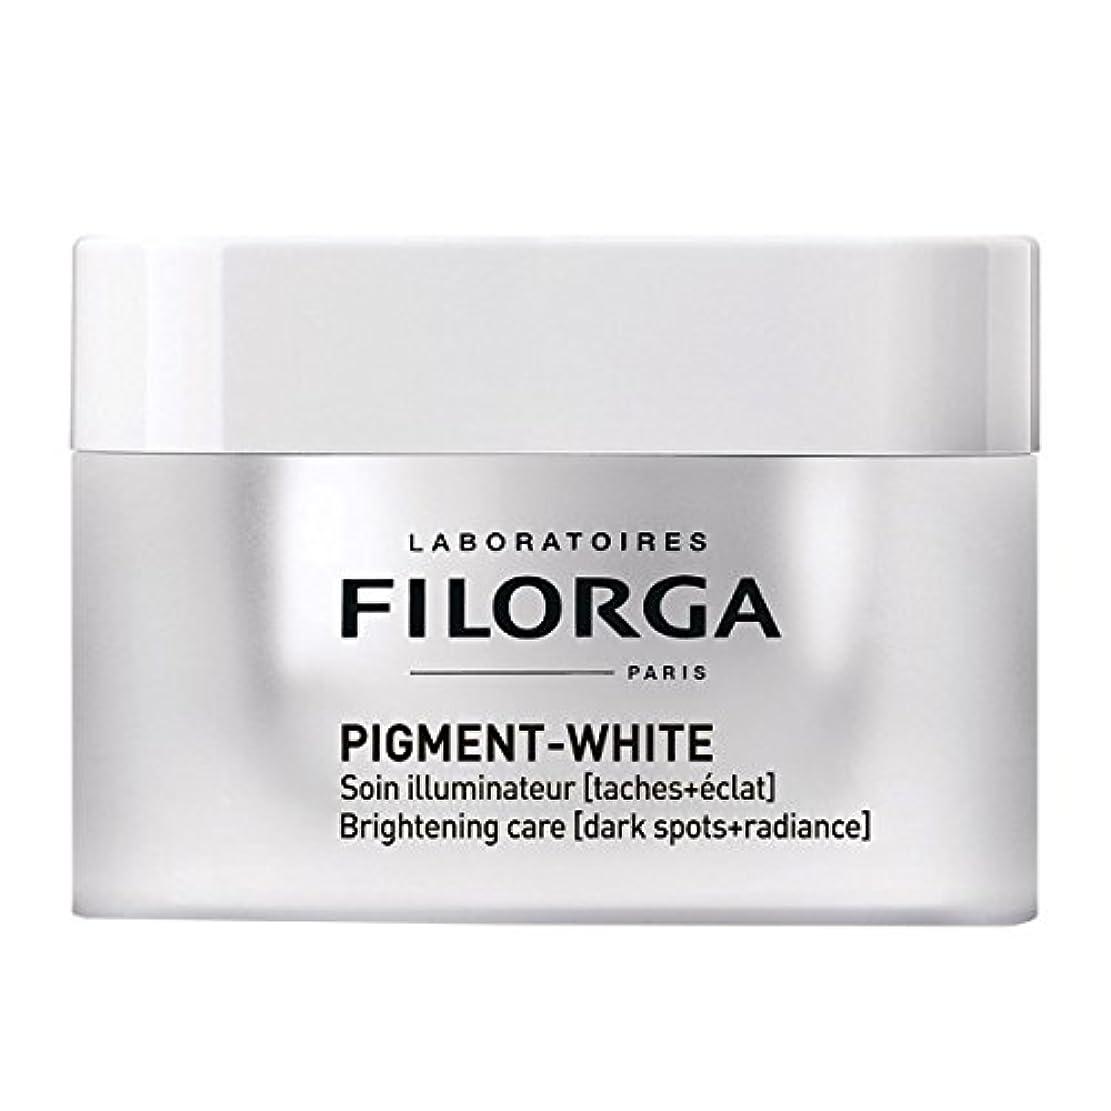 チャーミング無実団結Filorga Pigment-white 50ml [並行輸入品]